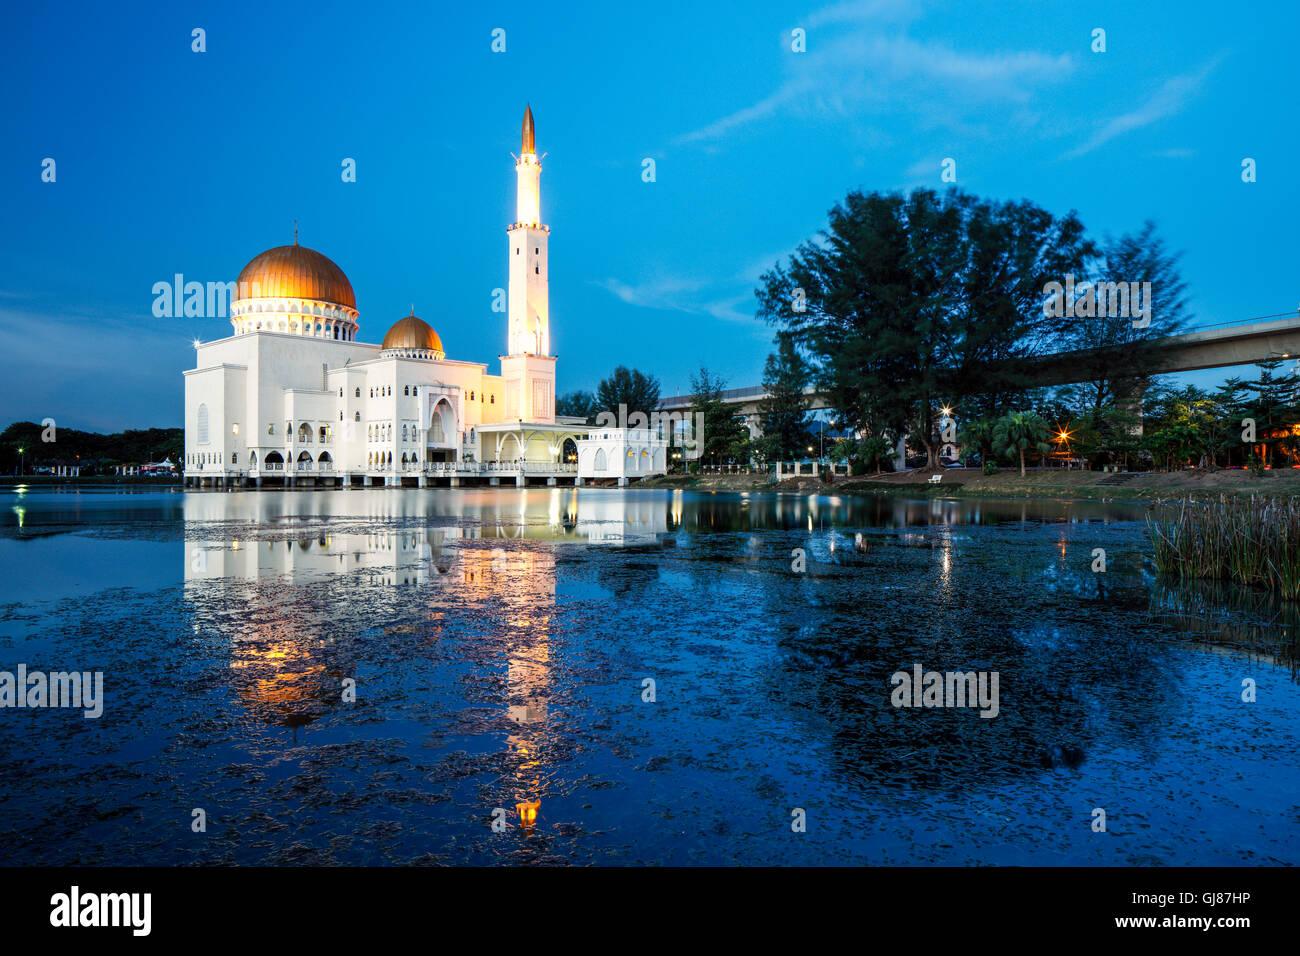 Une belle soirée à la mosquée Salam comme à Kajang Perdana, Malaisie. Banque D'Images